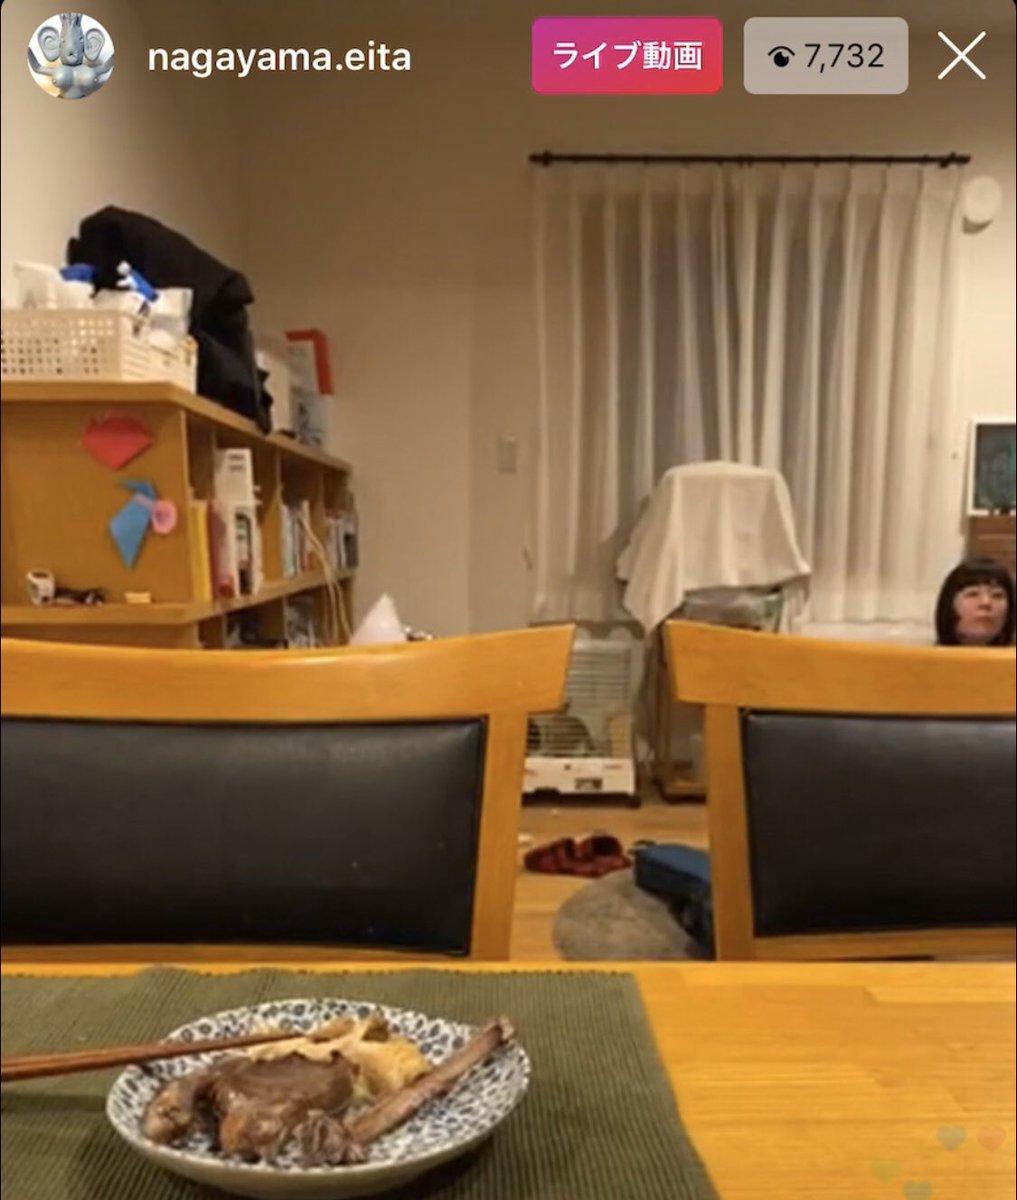 永山 瑛 太 インスタ